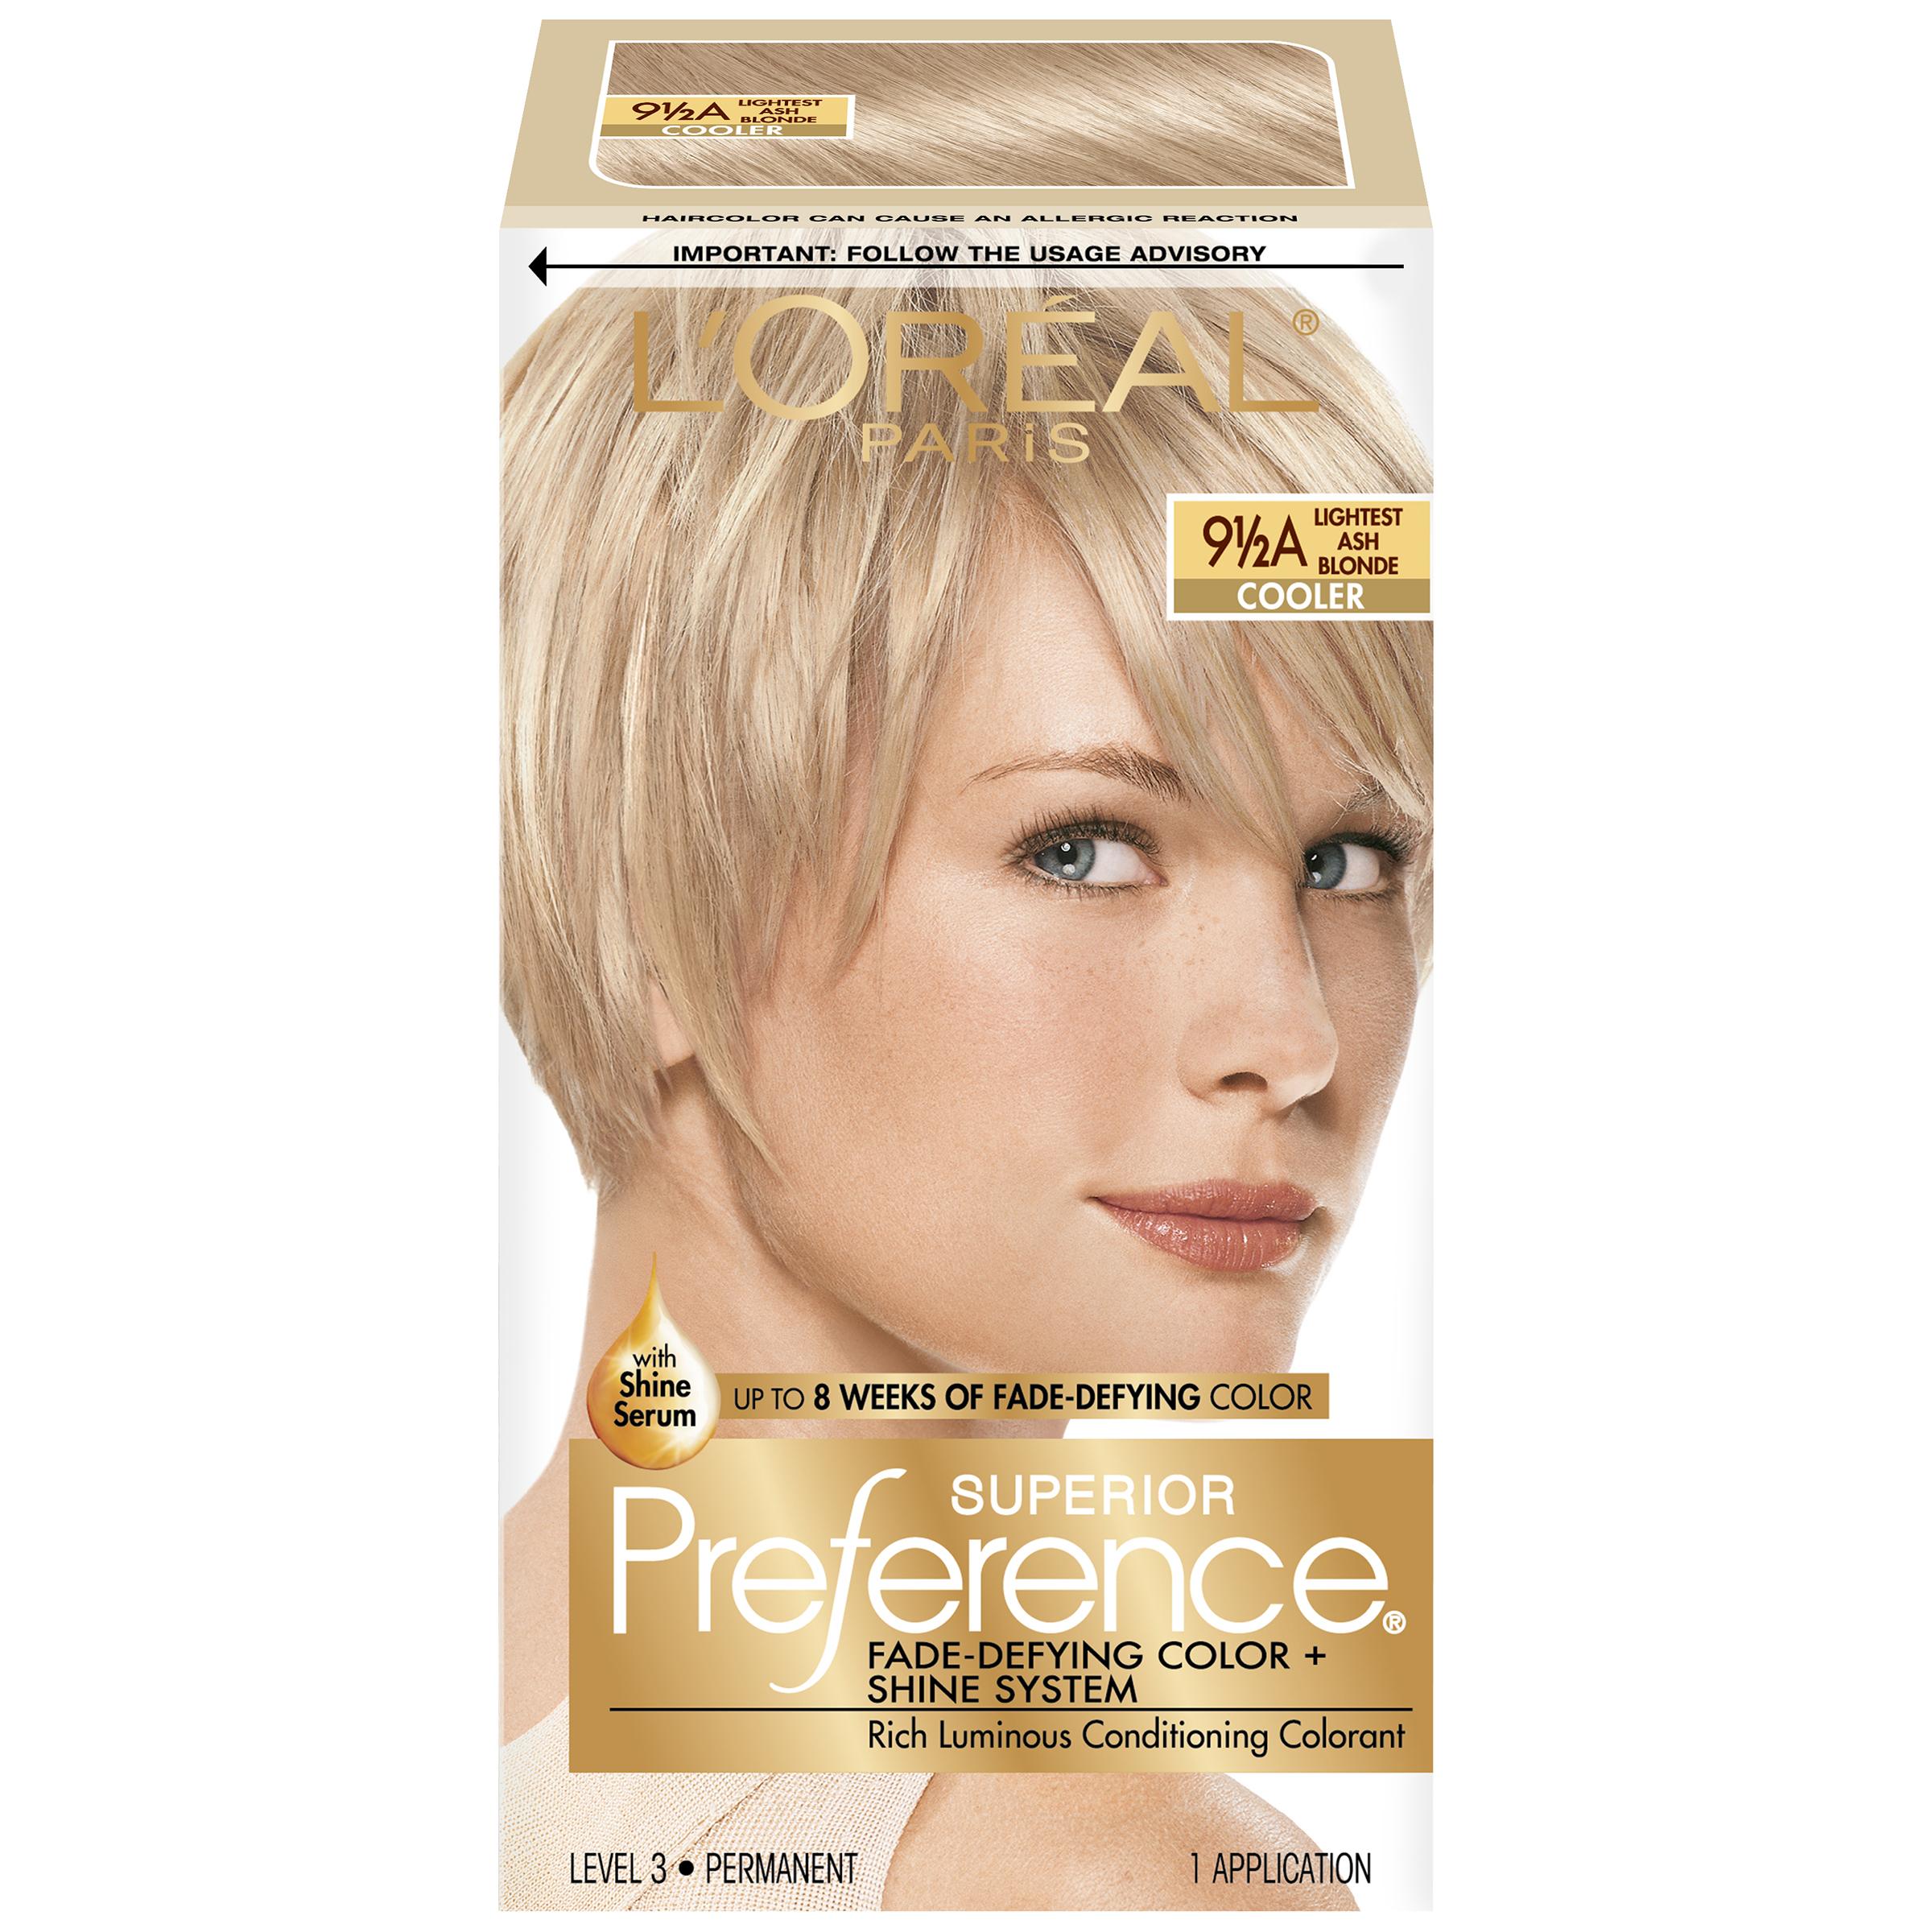 L39oreal 9 1 2a Cooler Lightest Ash Blonde Hair Color 1 Kt